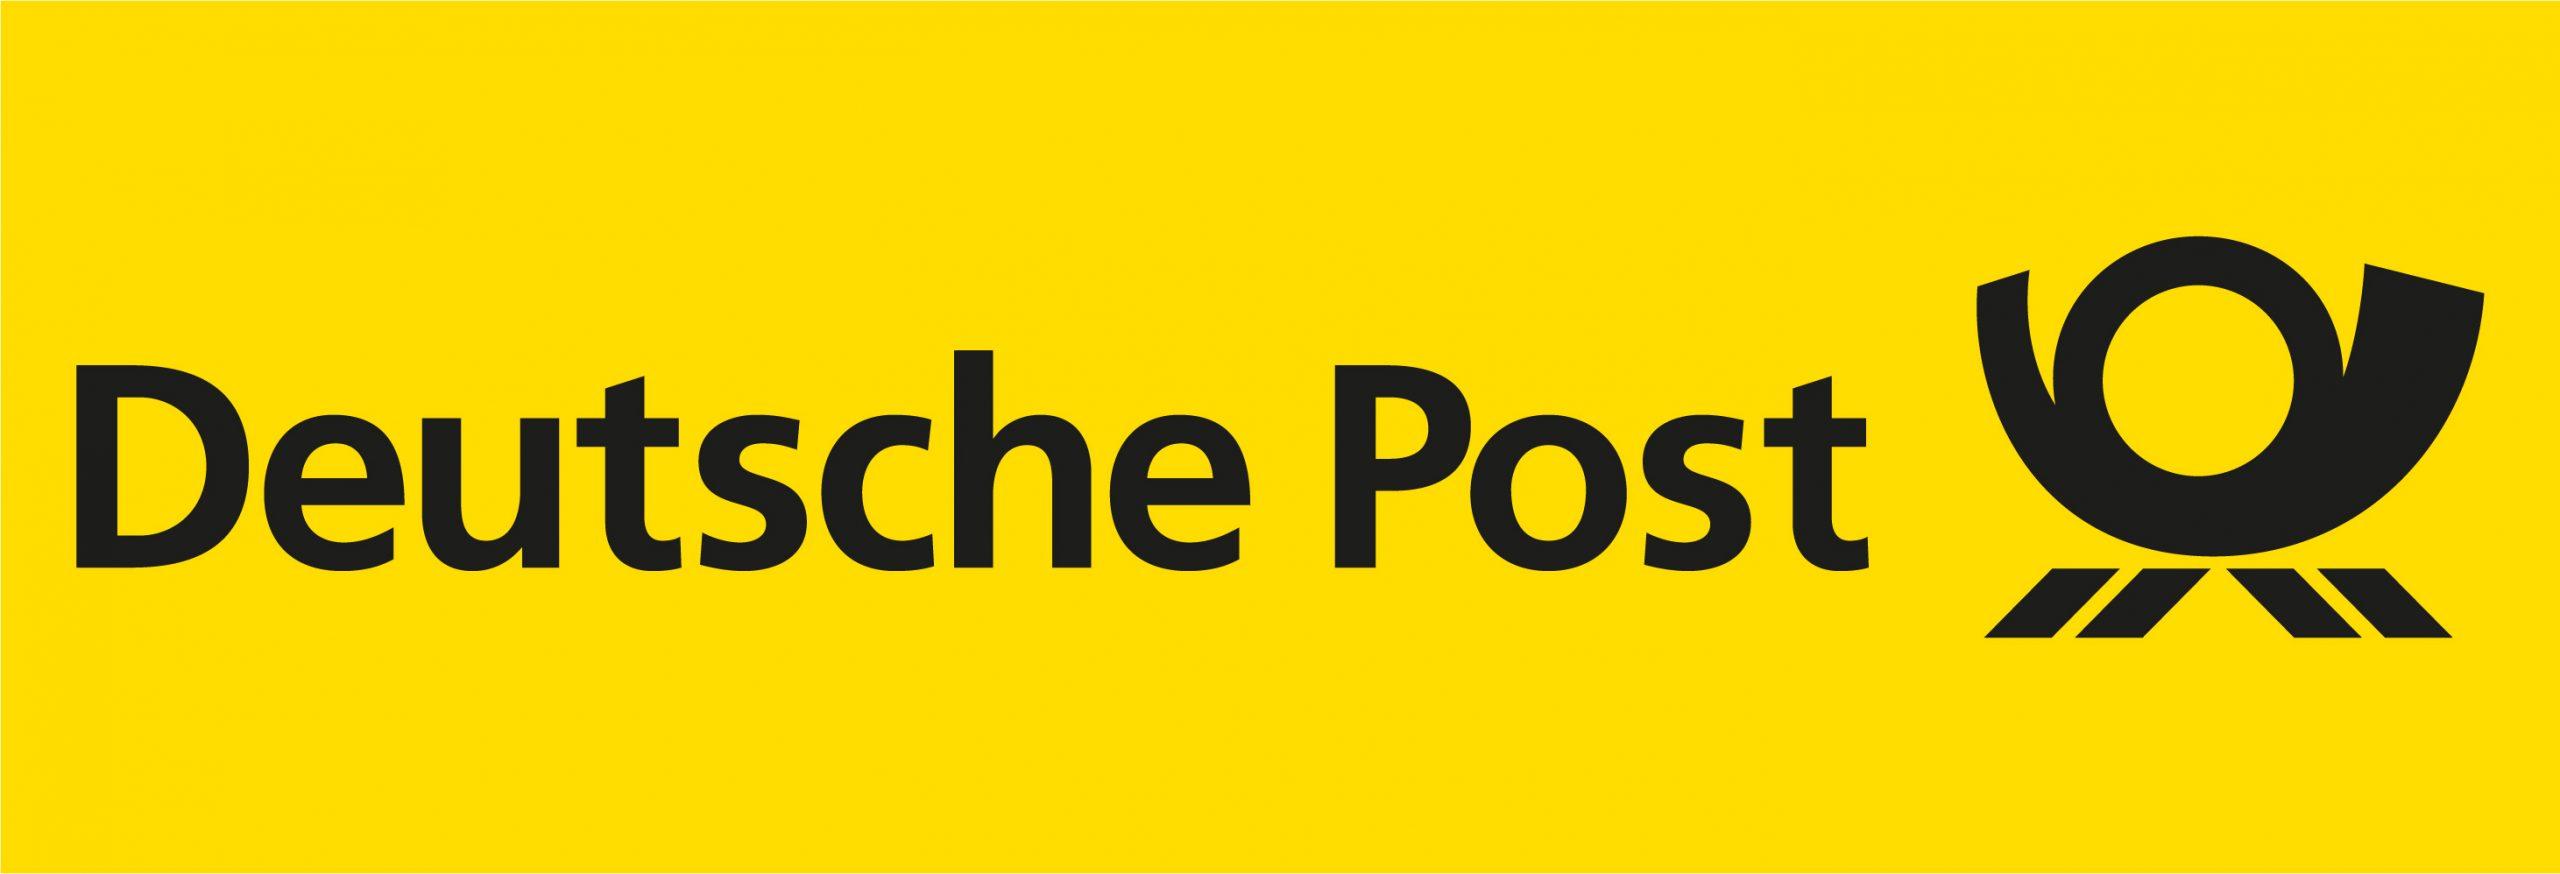 Deutsche Post scaled